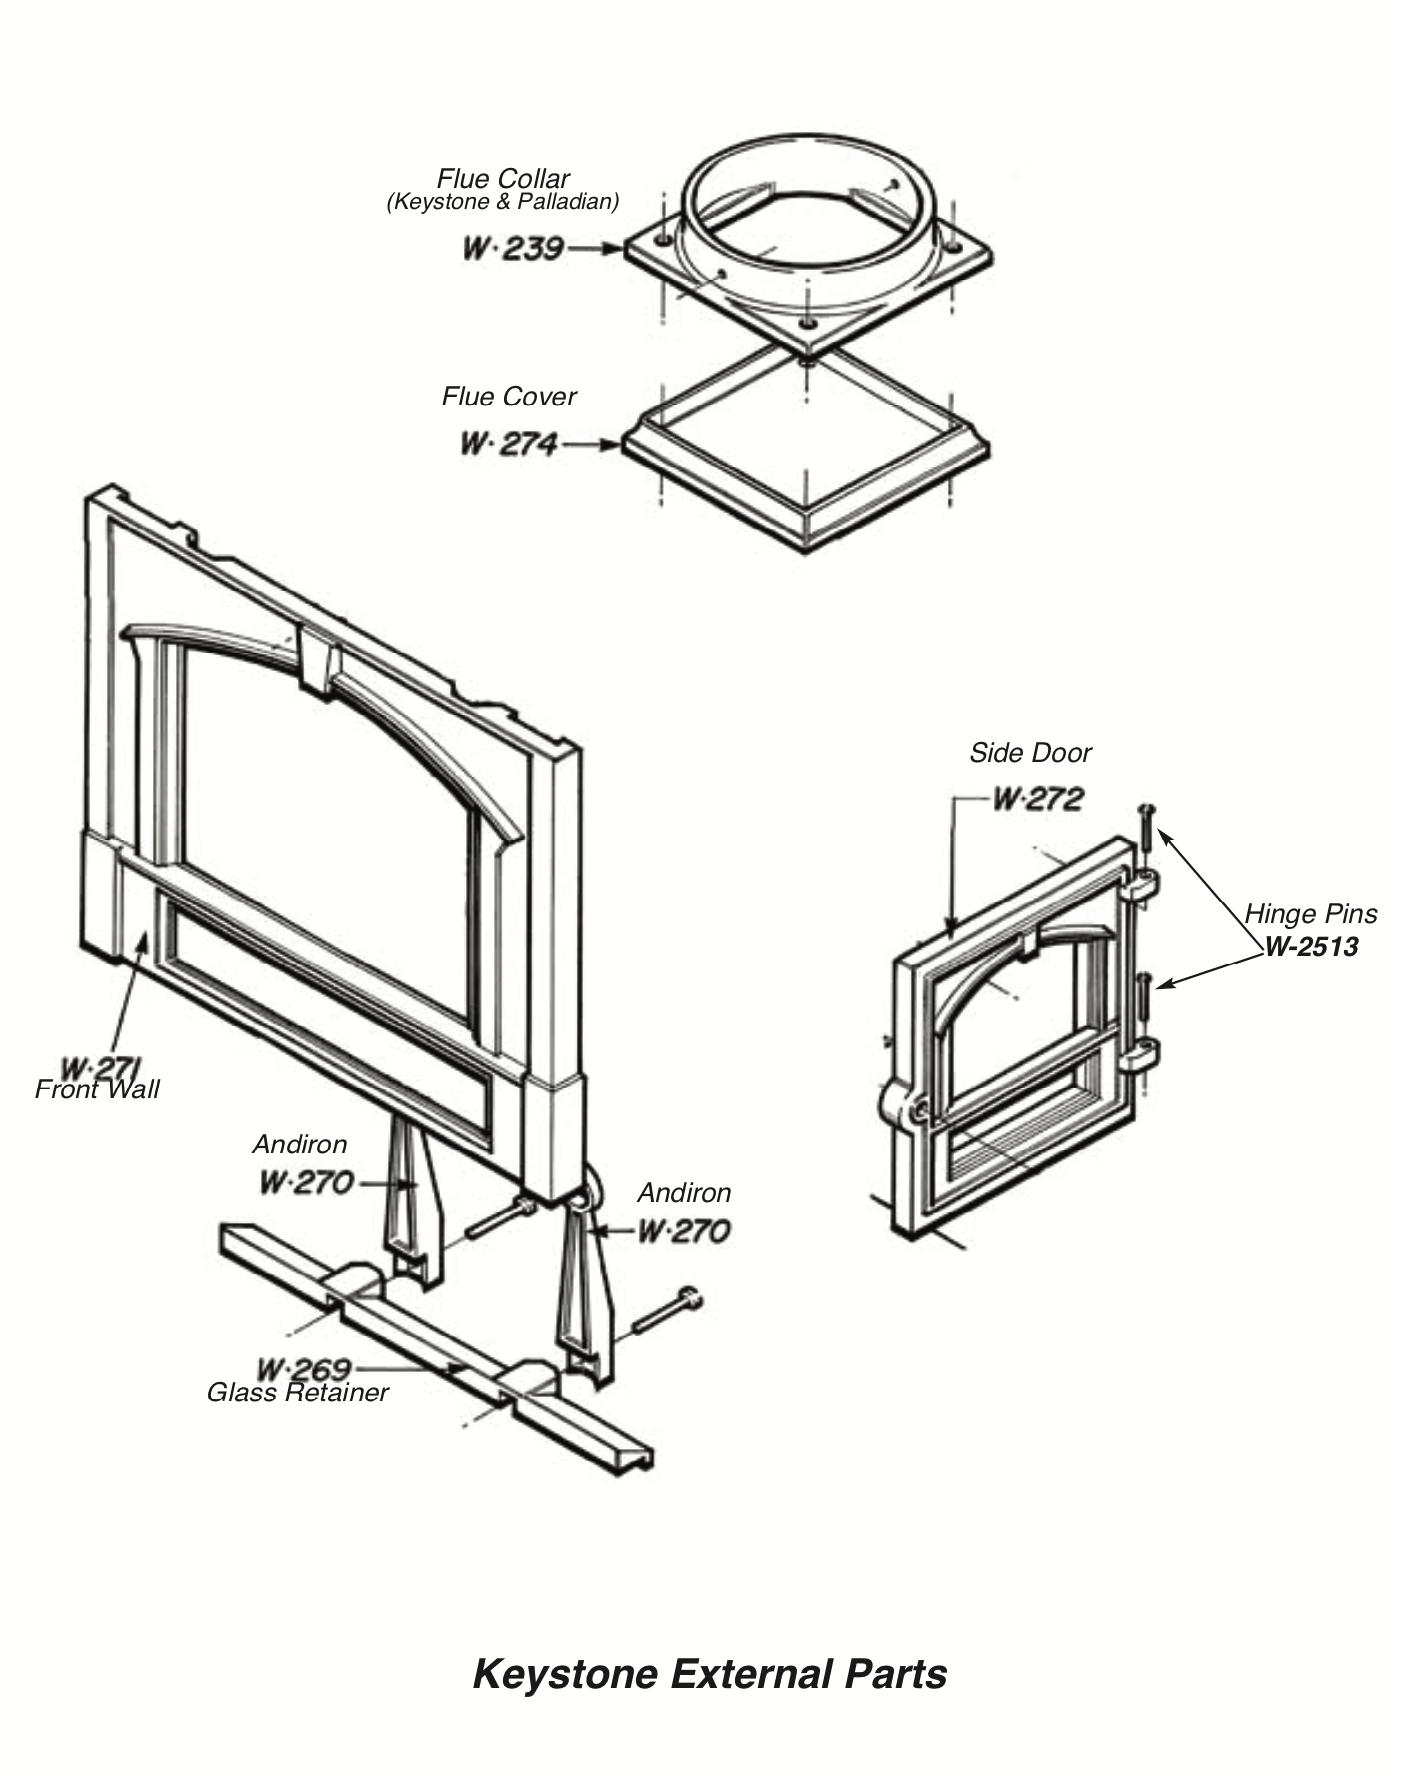 Keystone External Parts